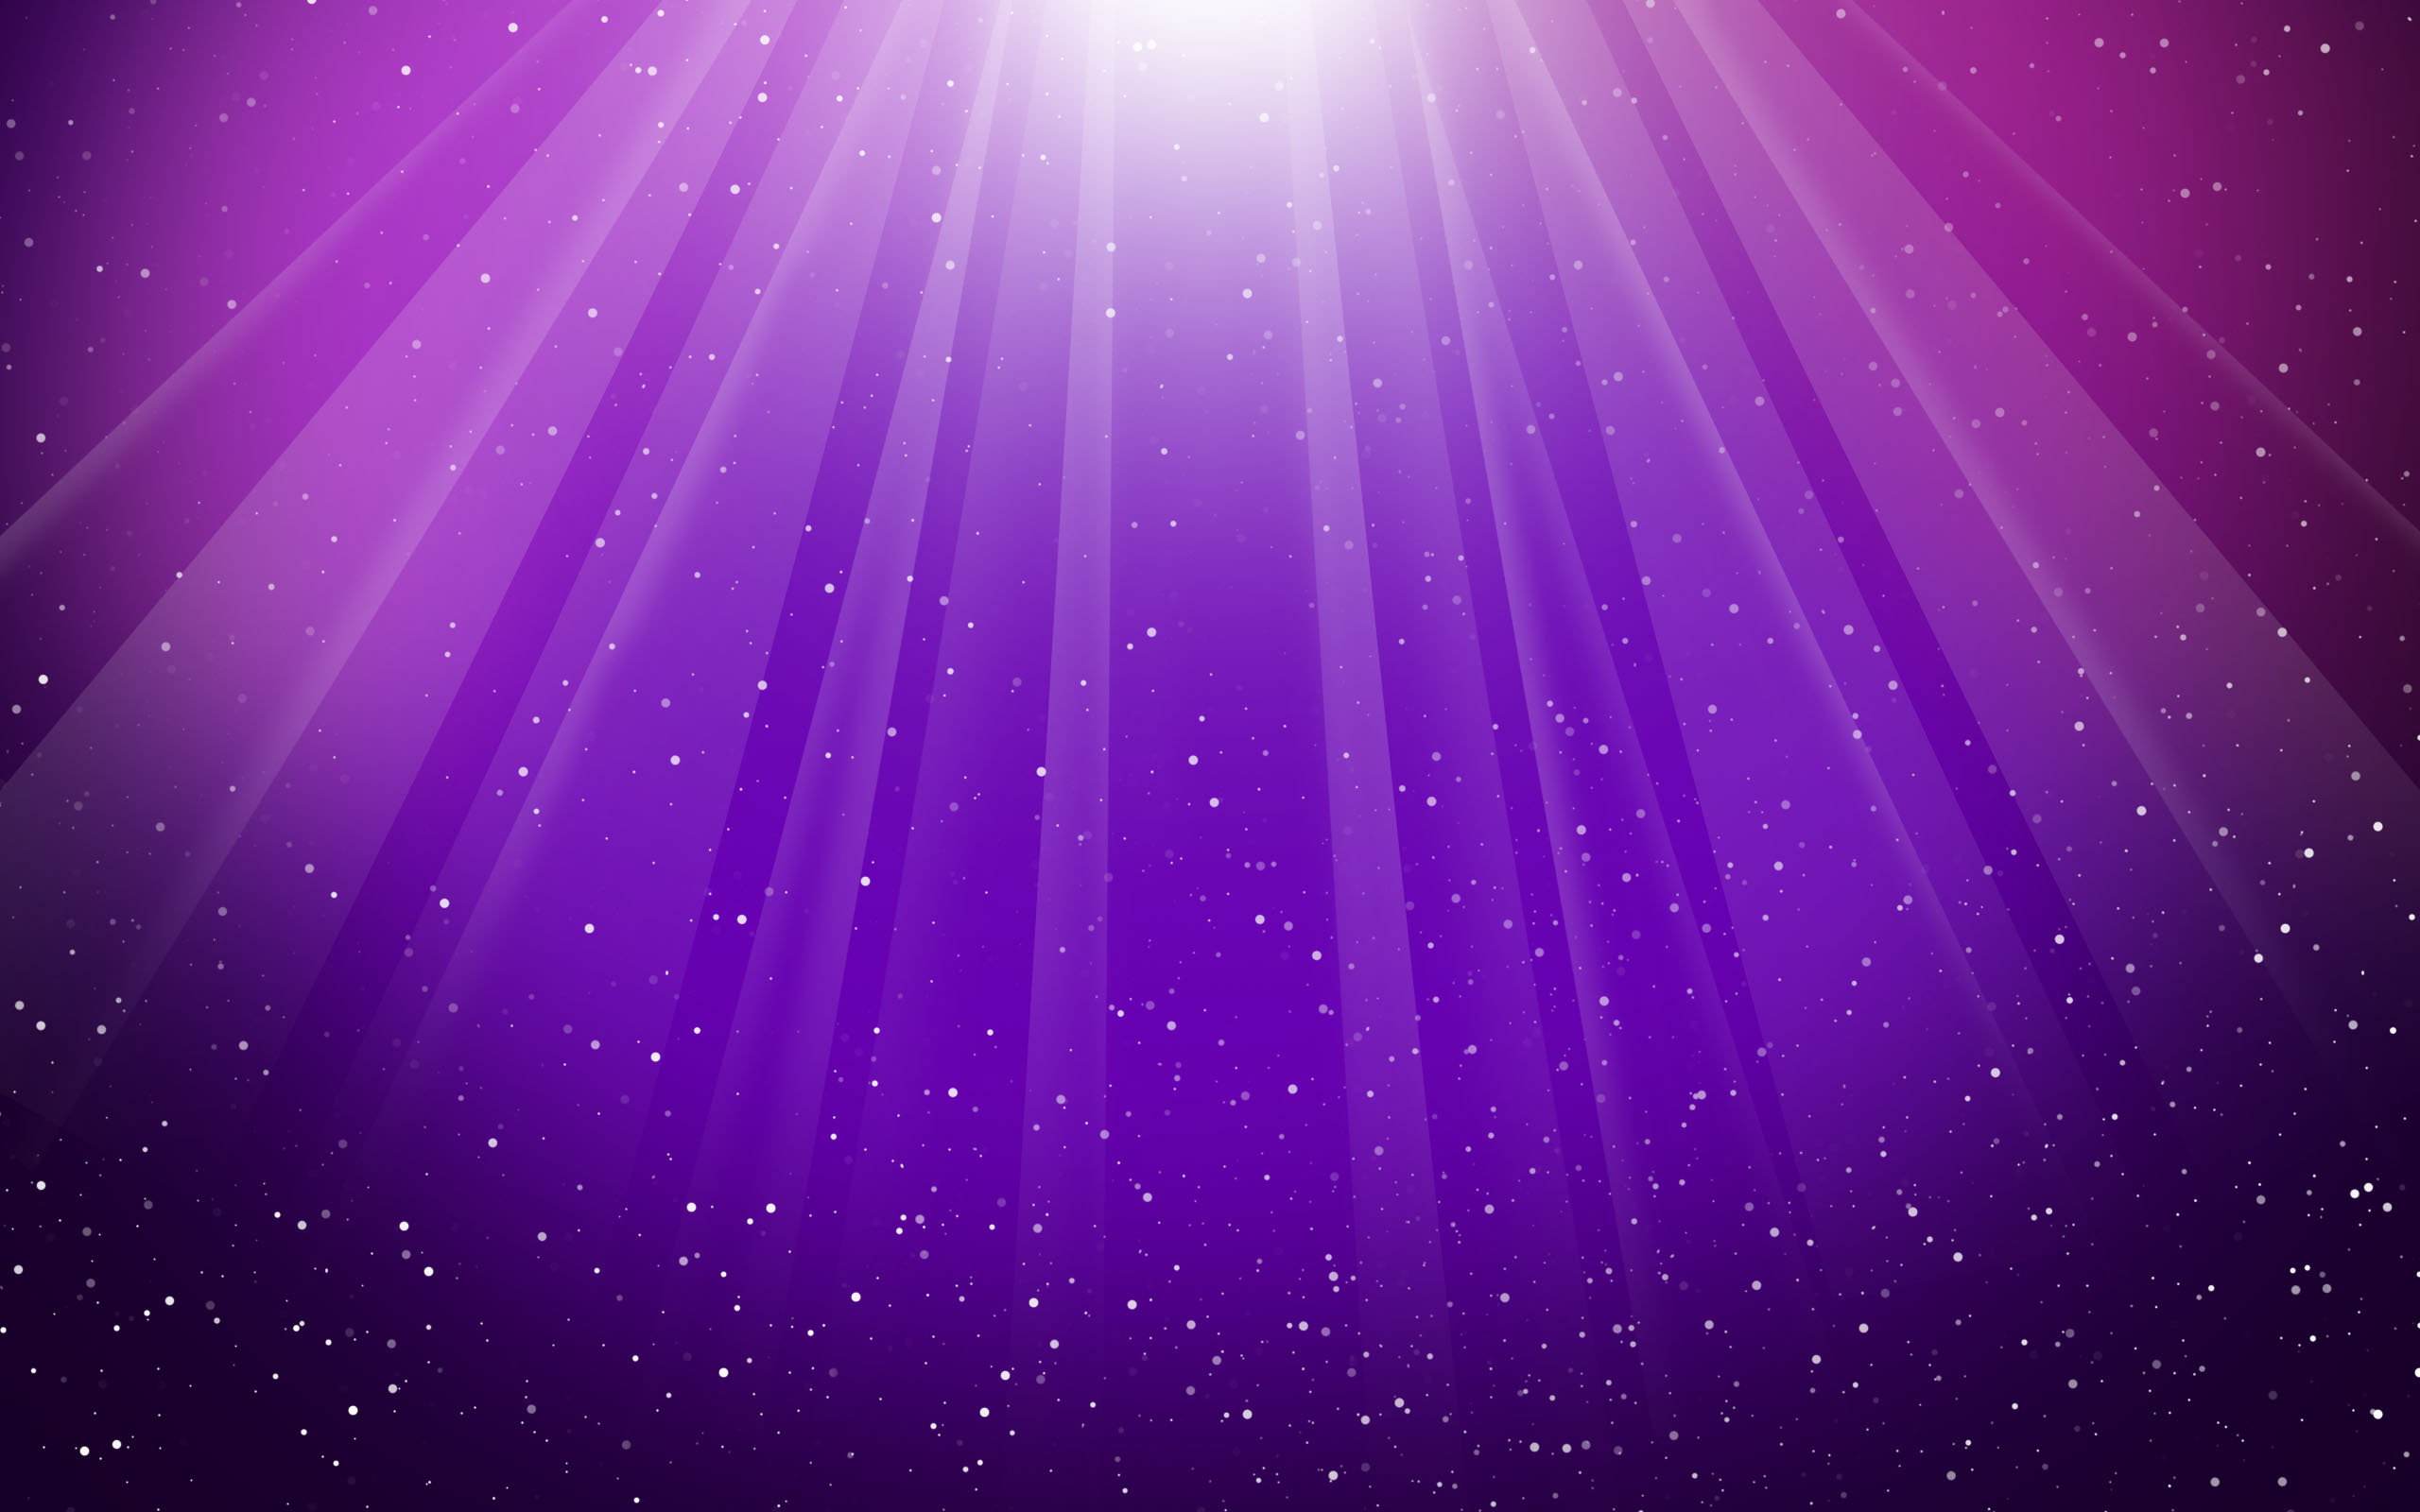 Tlcharger fond dcran Violet clair dans la galaxie dans Espace 2560x1600